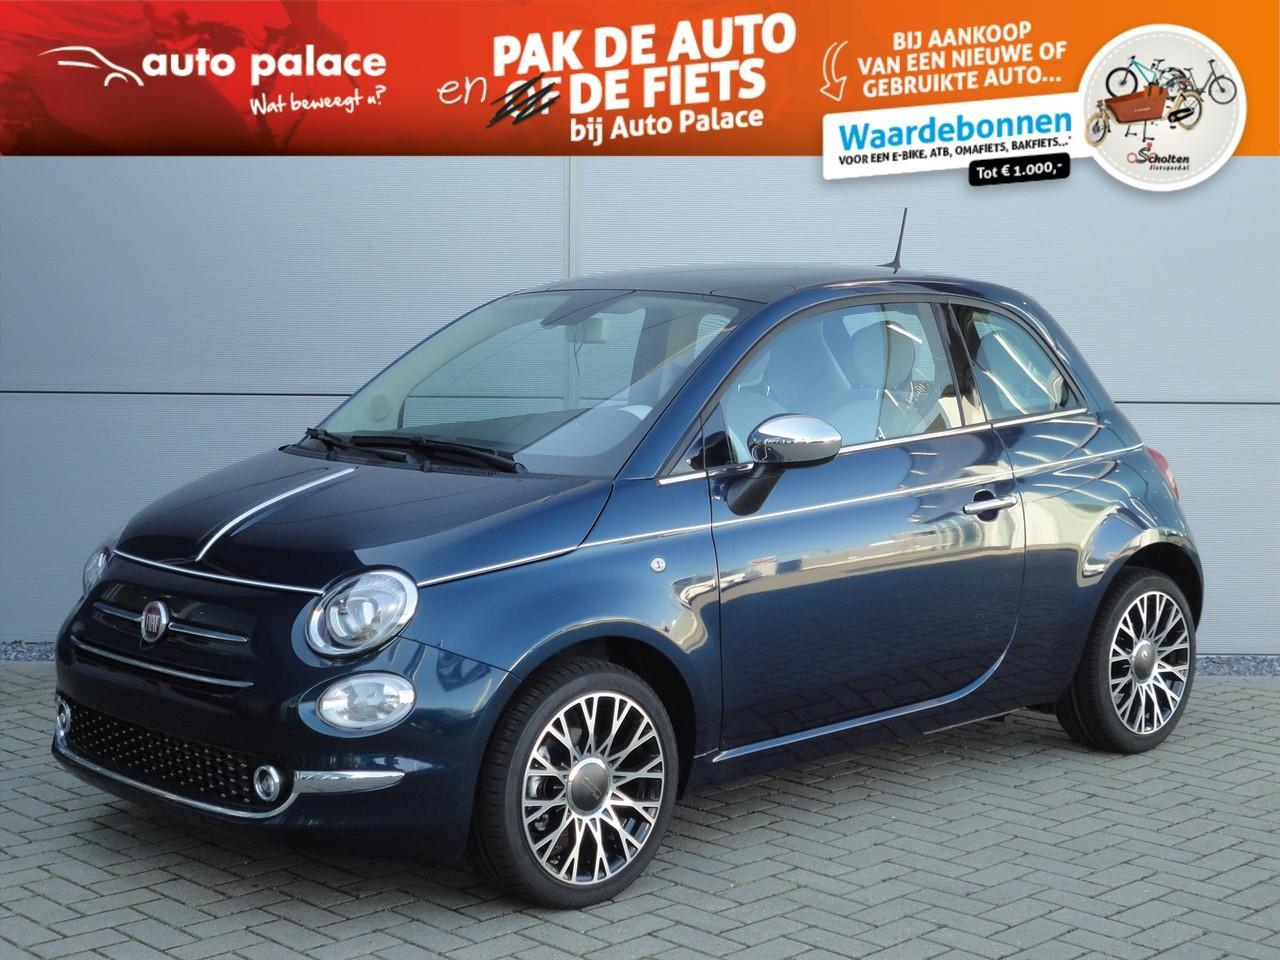 Fiat 500 Turbo 80pk collezione